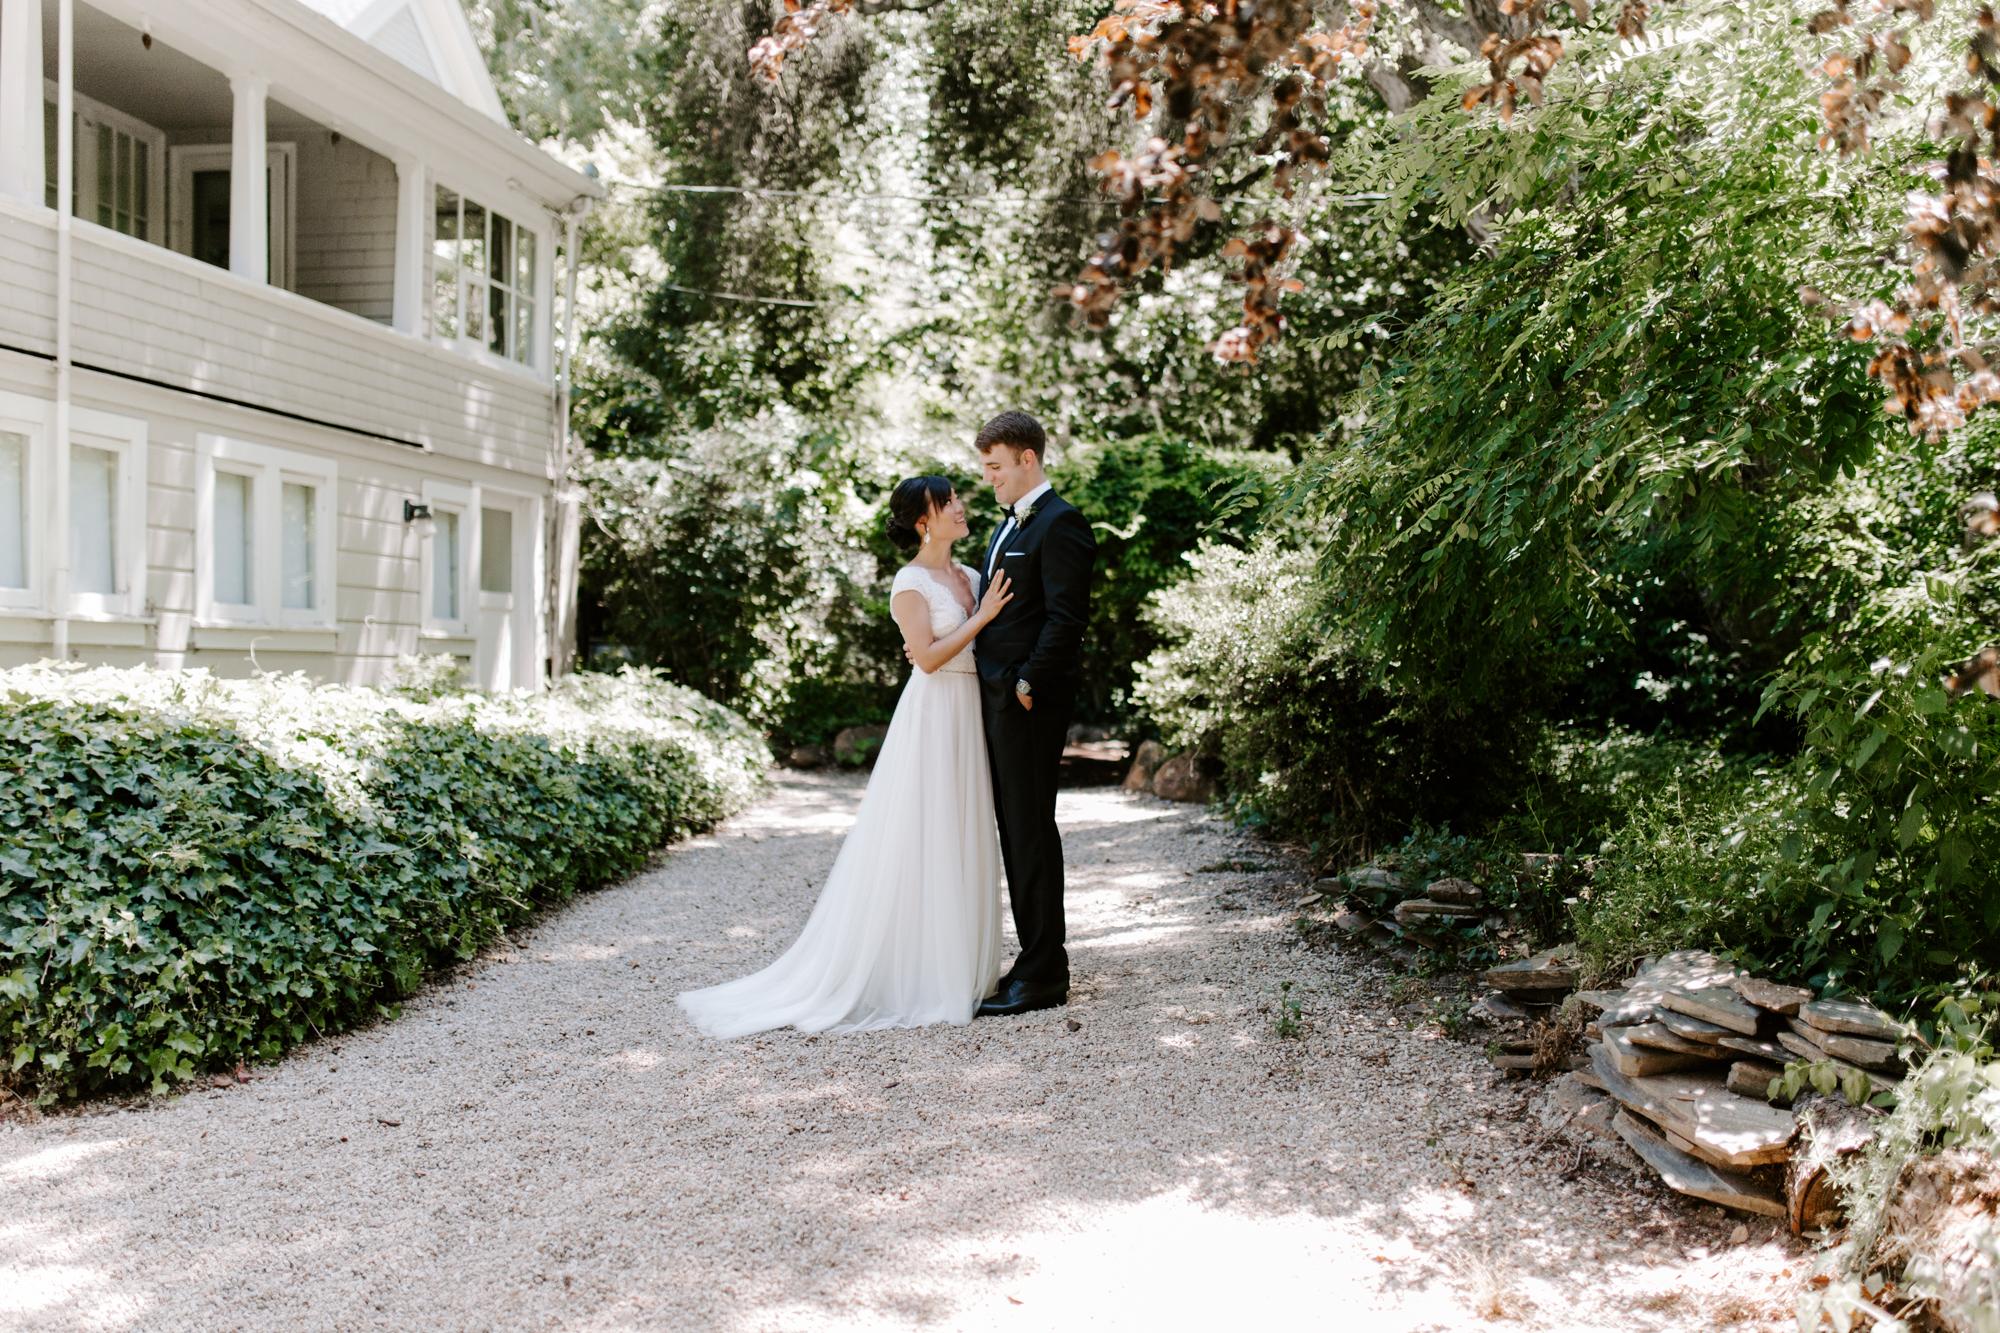 central florida wedding photographer